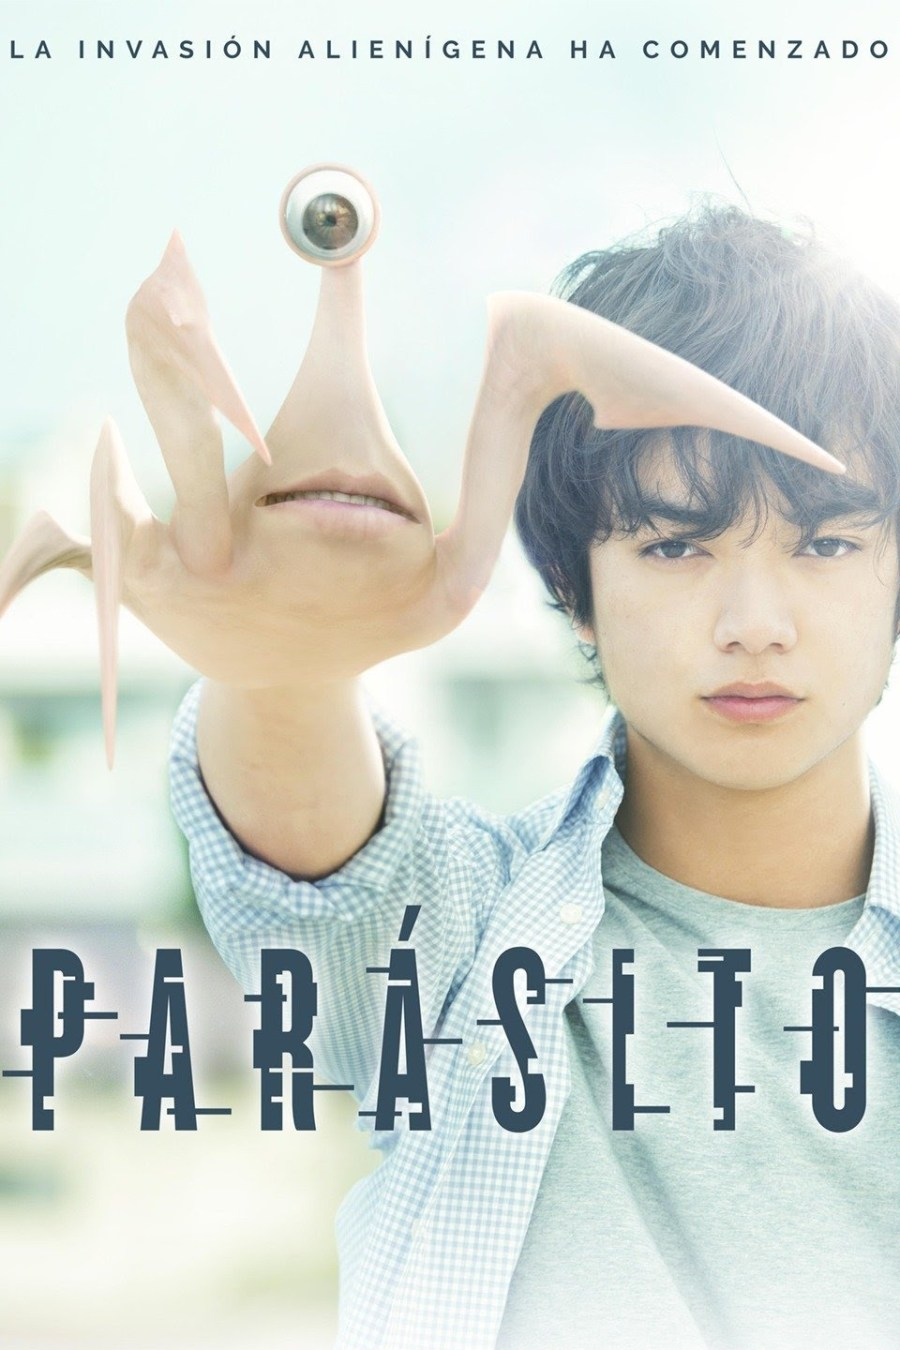 Cartel de la película Parásito, de 2014.